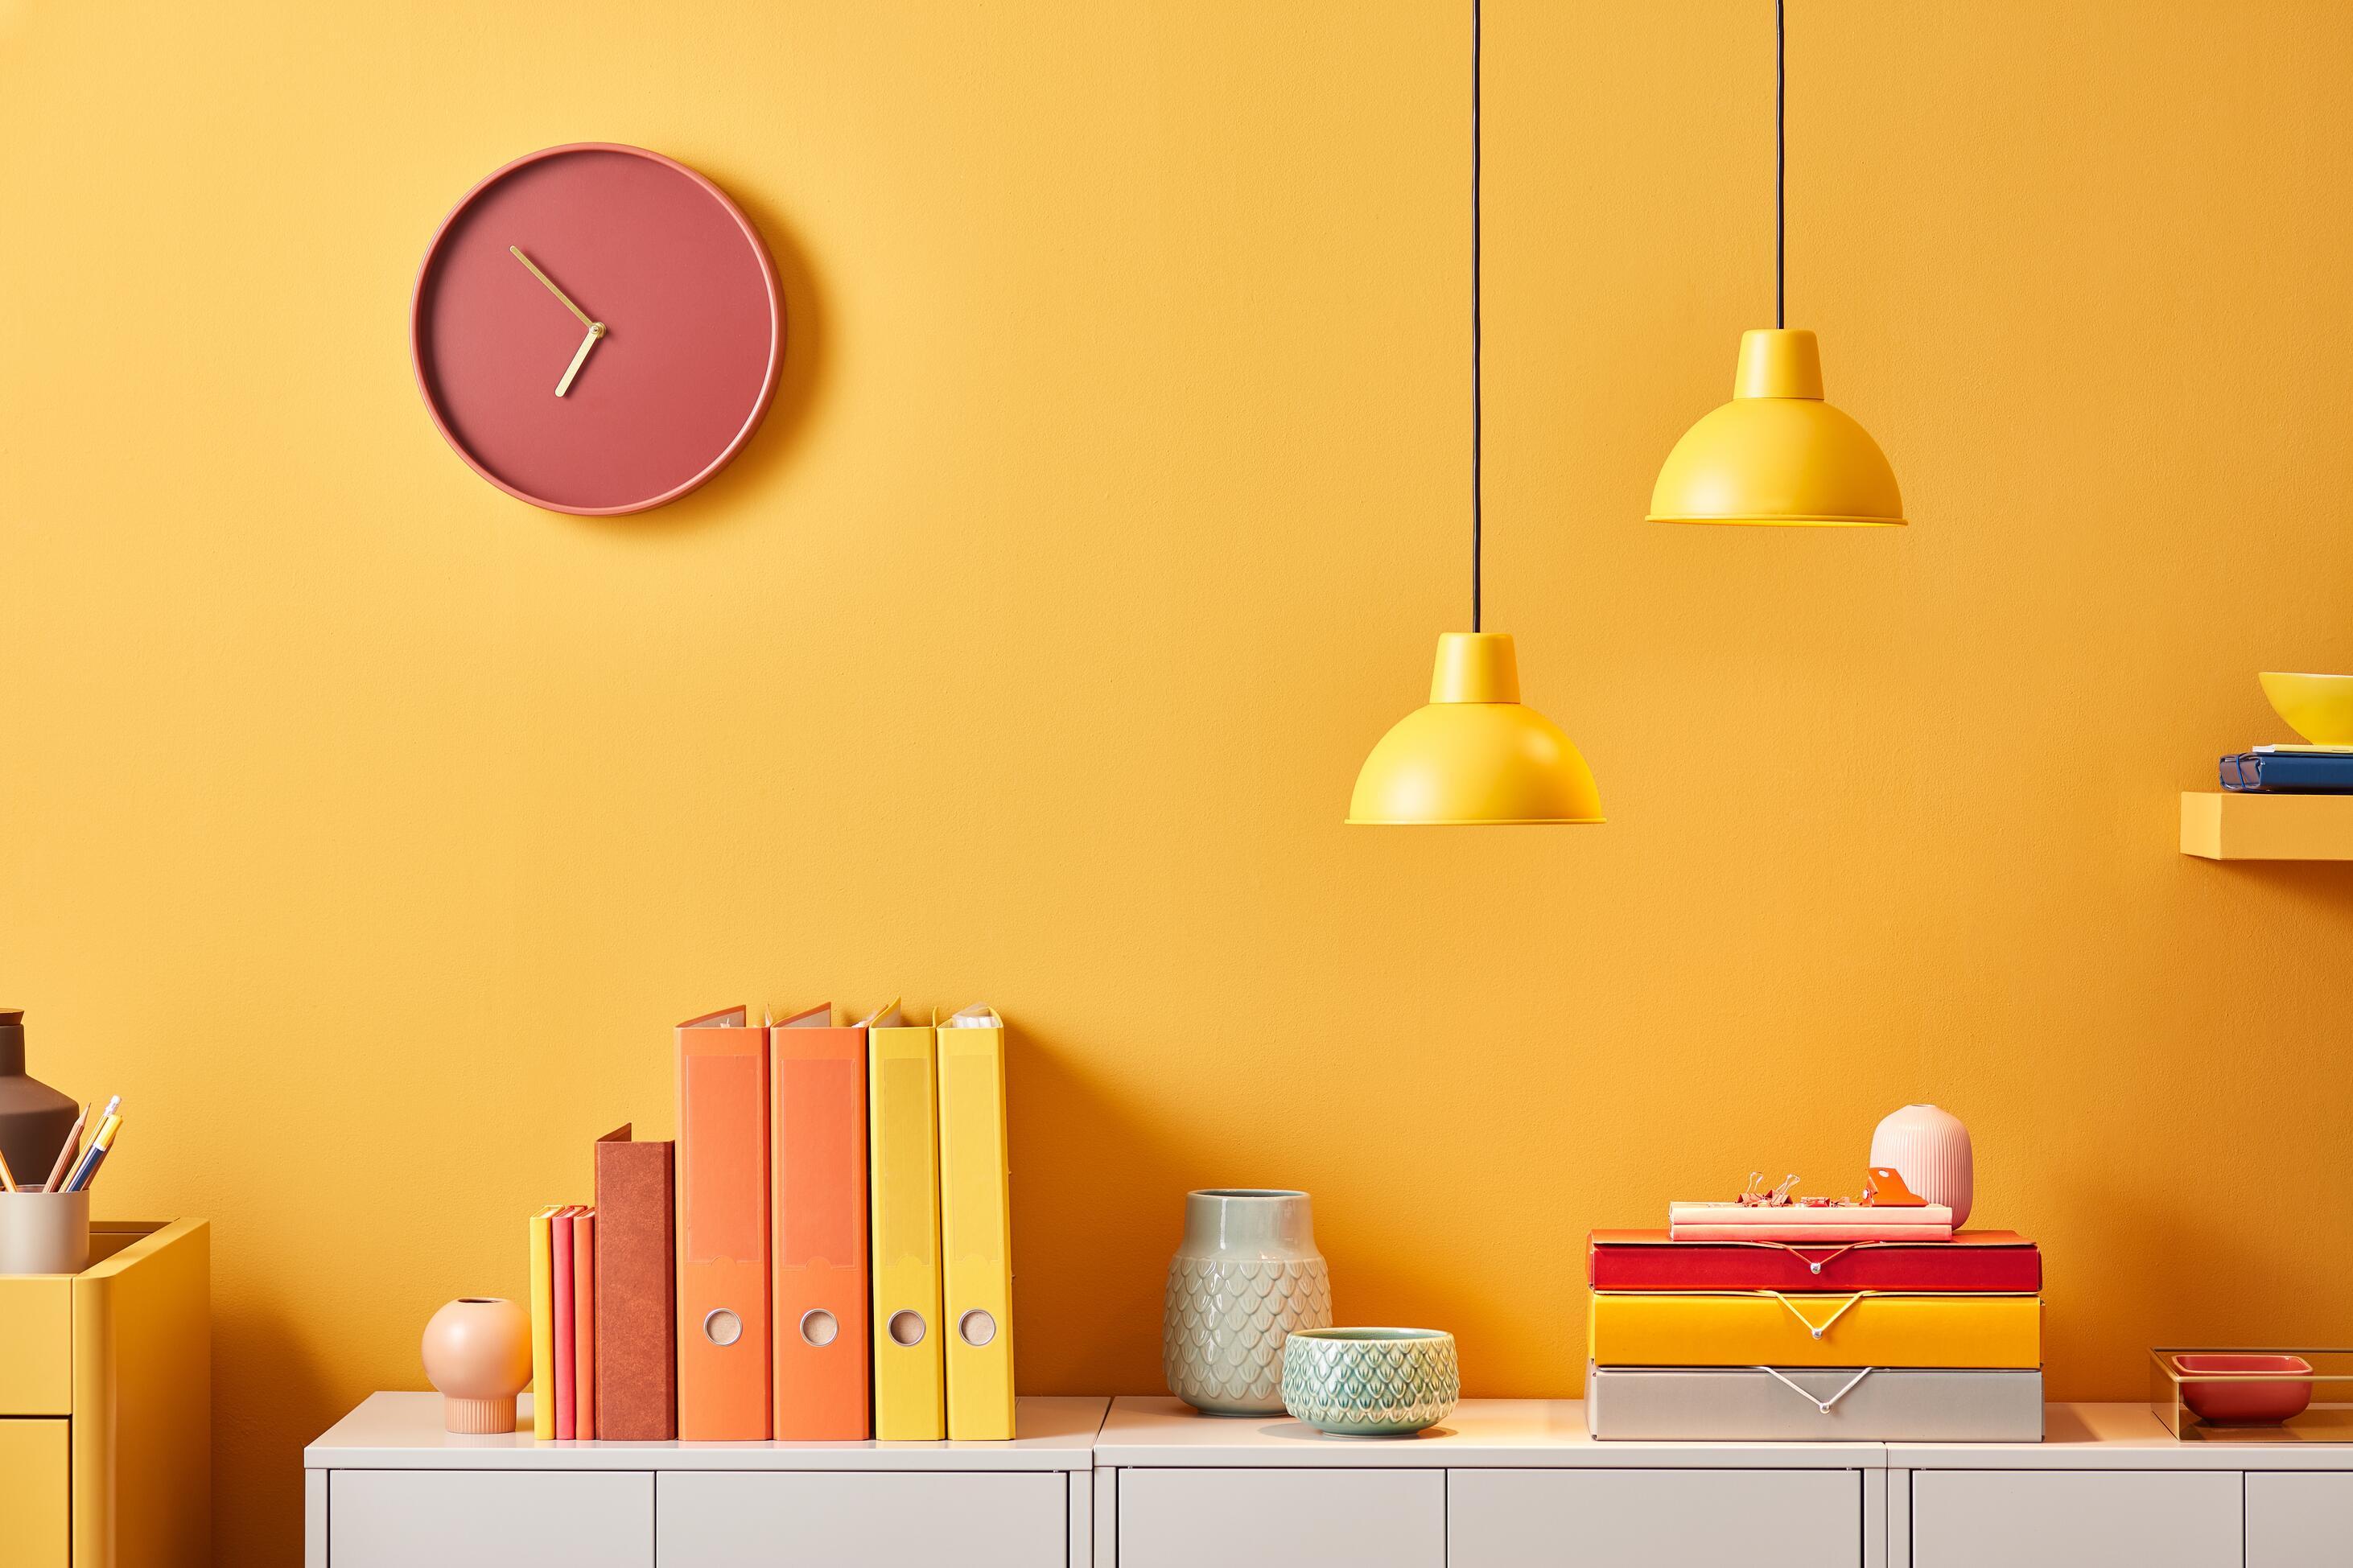 Modern Bright Design Of Office Storage